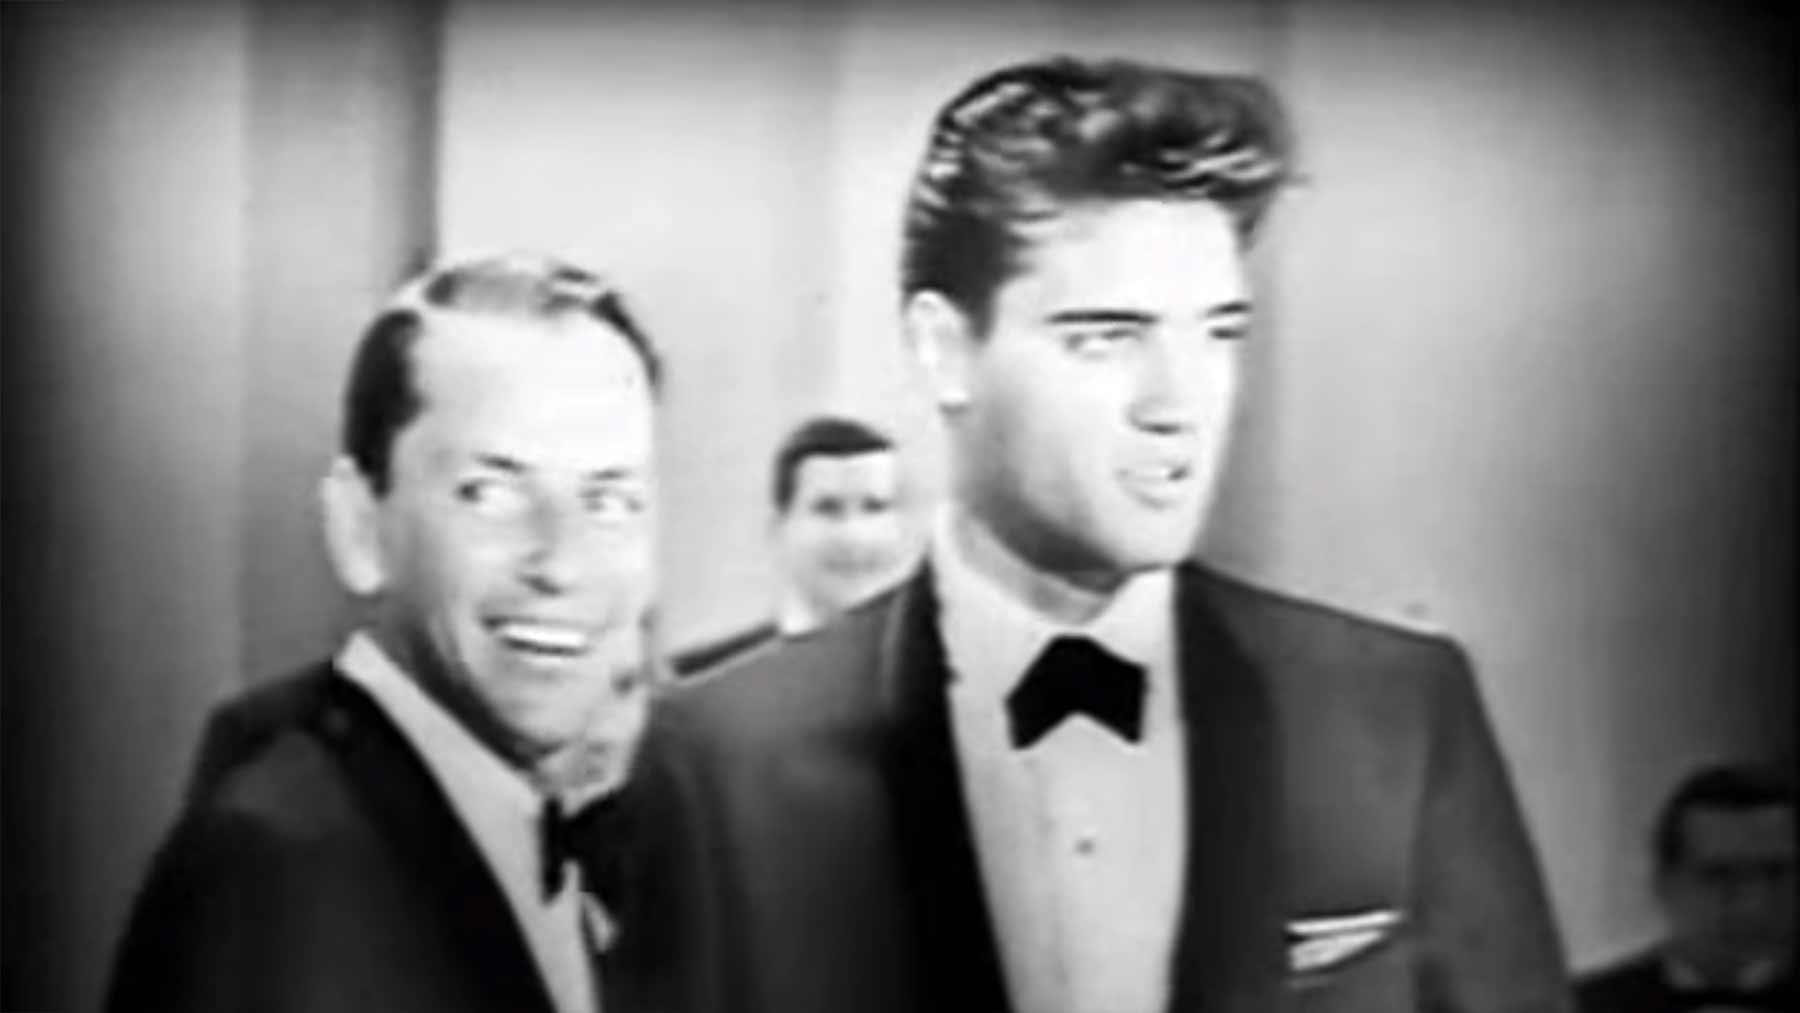 Frank Sinatra und Elvis Presley singen ein Duett